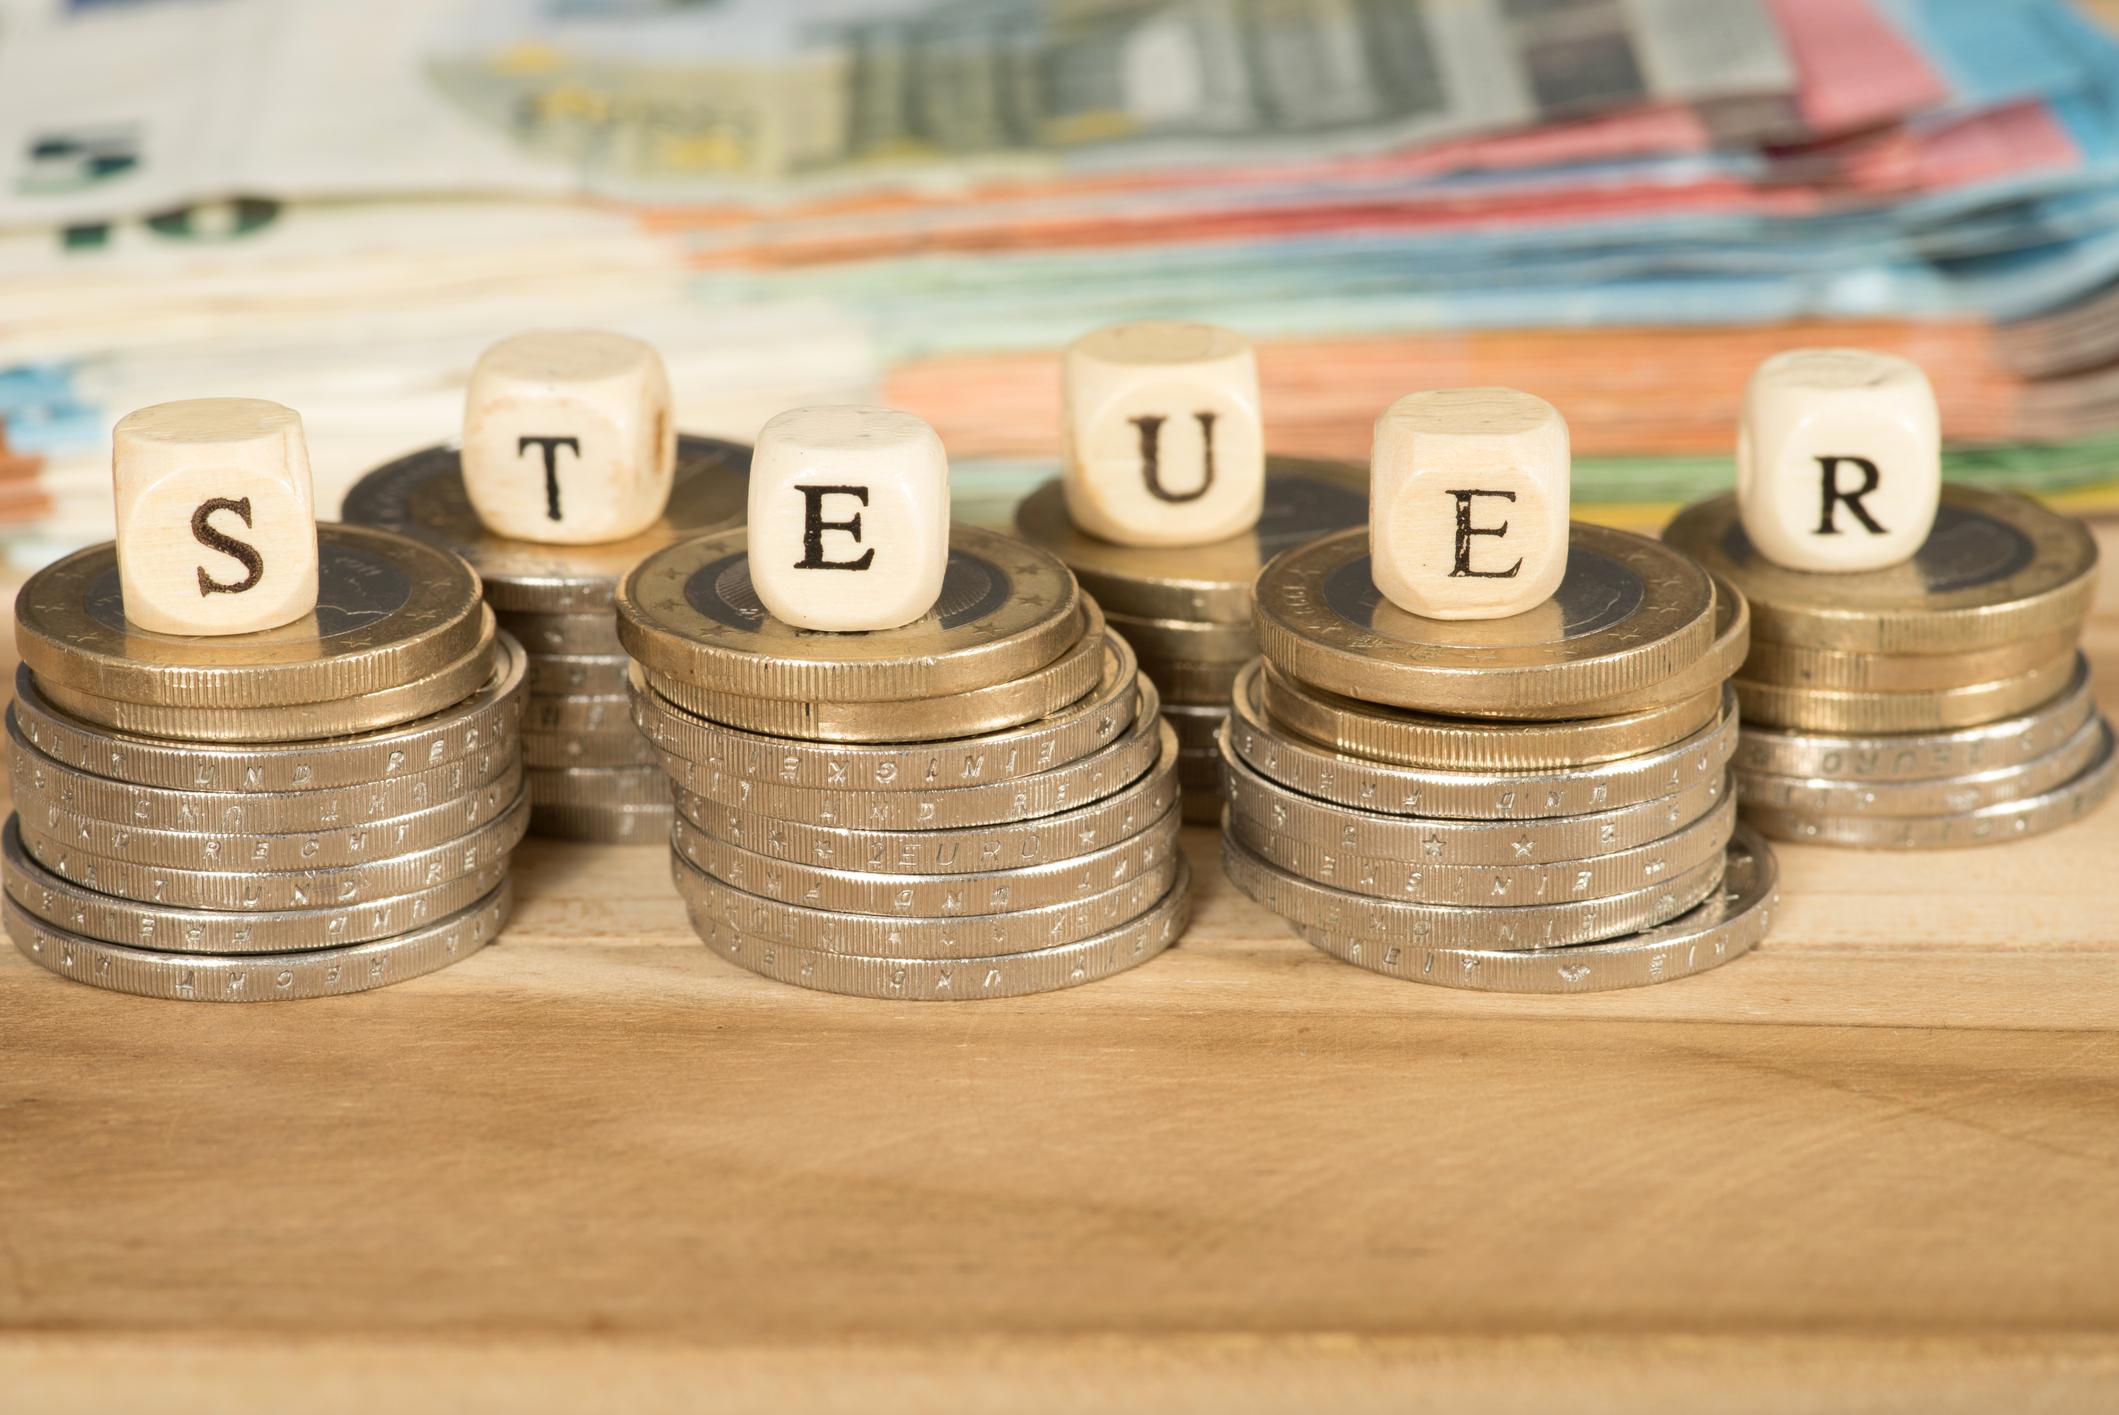 Steuereinnahmen zehn Milliarden Euro höher als erwartet